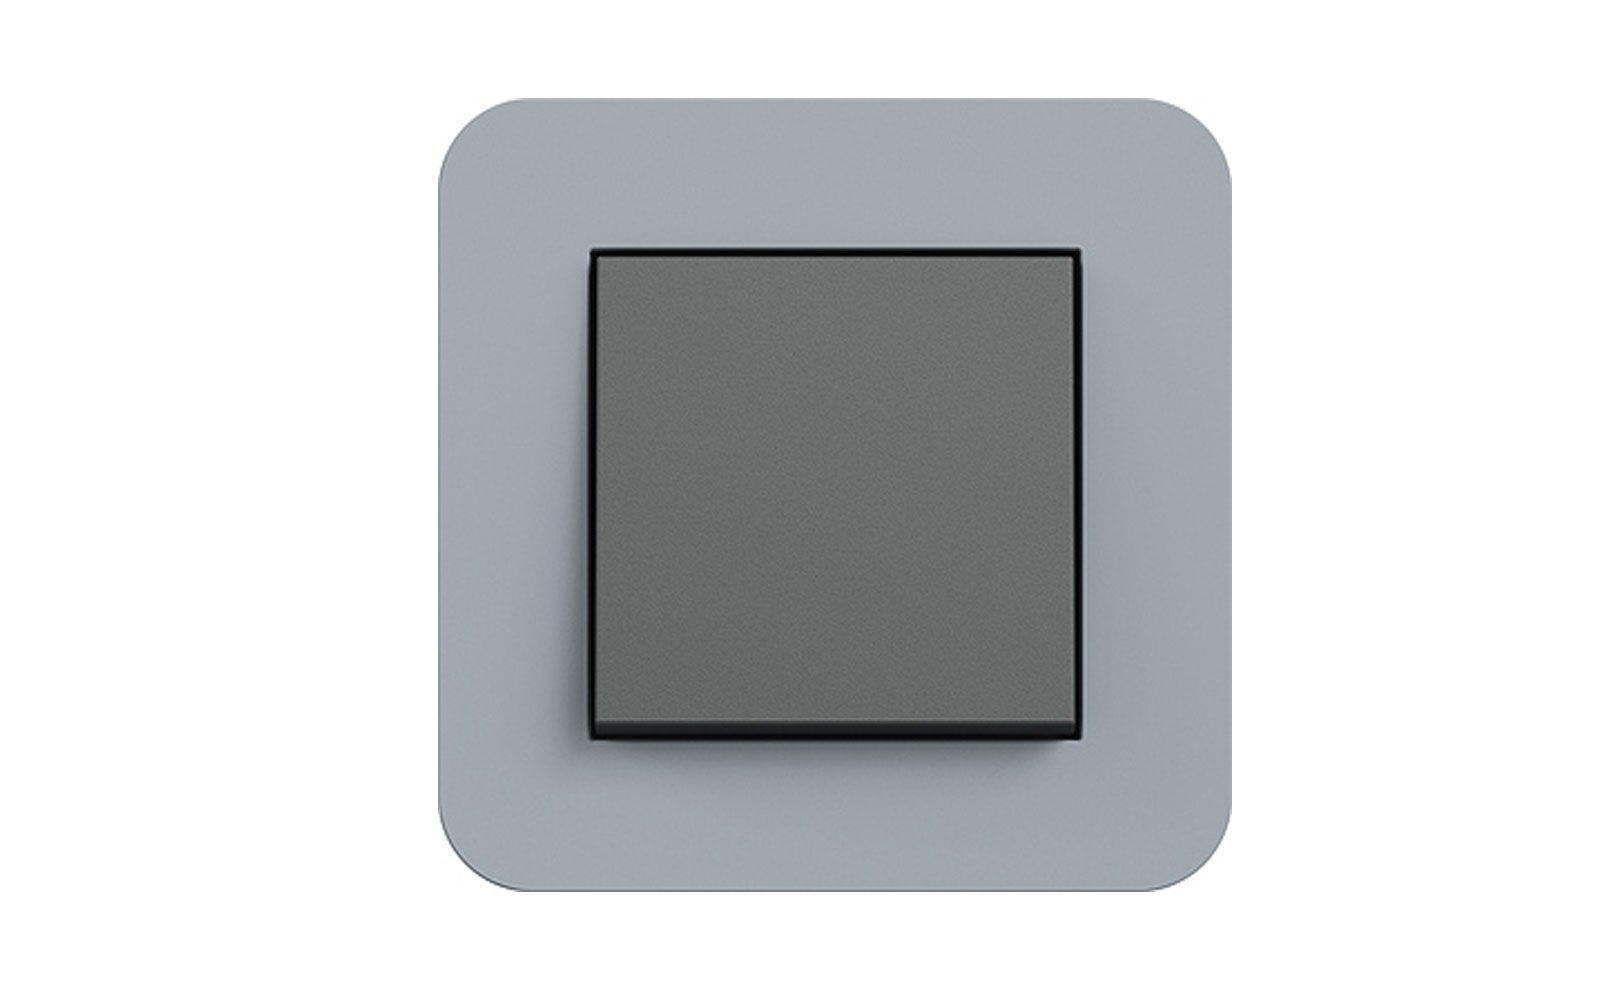 Gira-E3-soft-touch_19391_1558347379.jpg